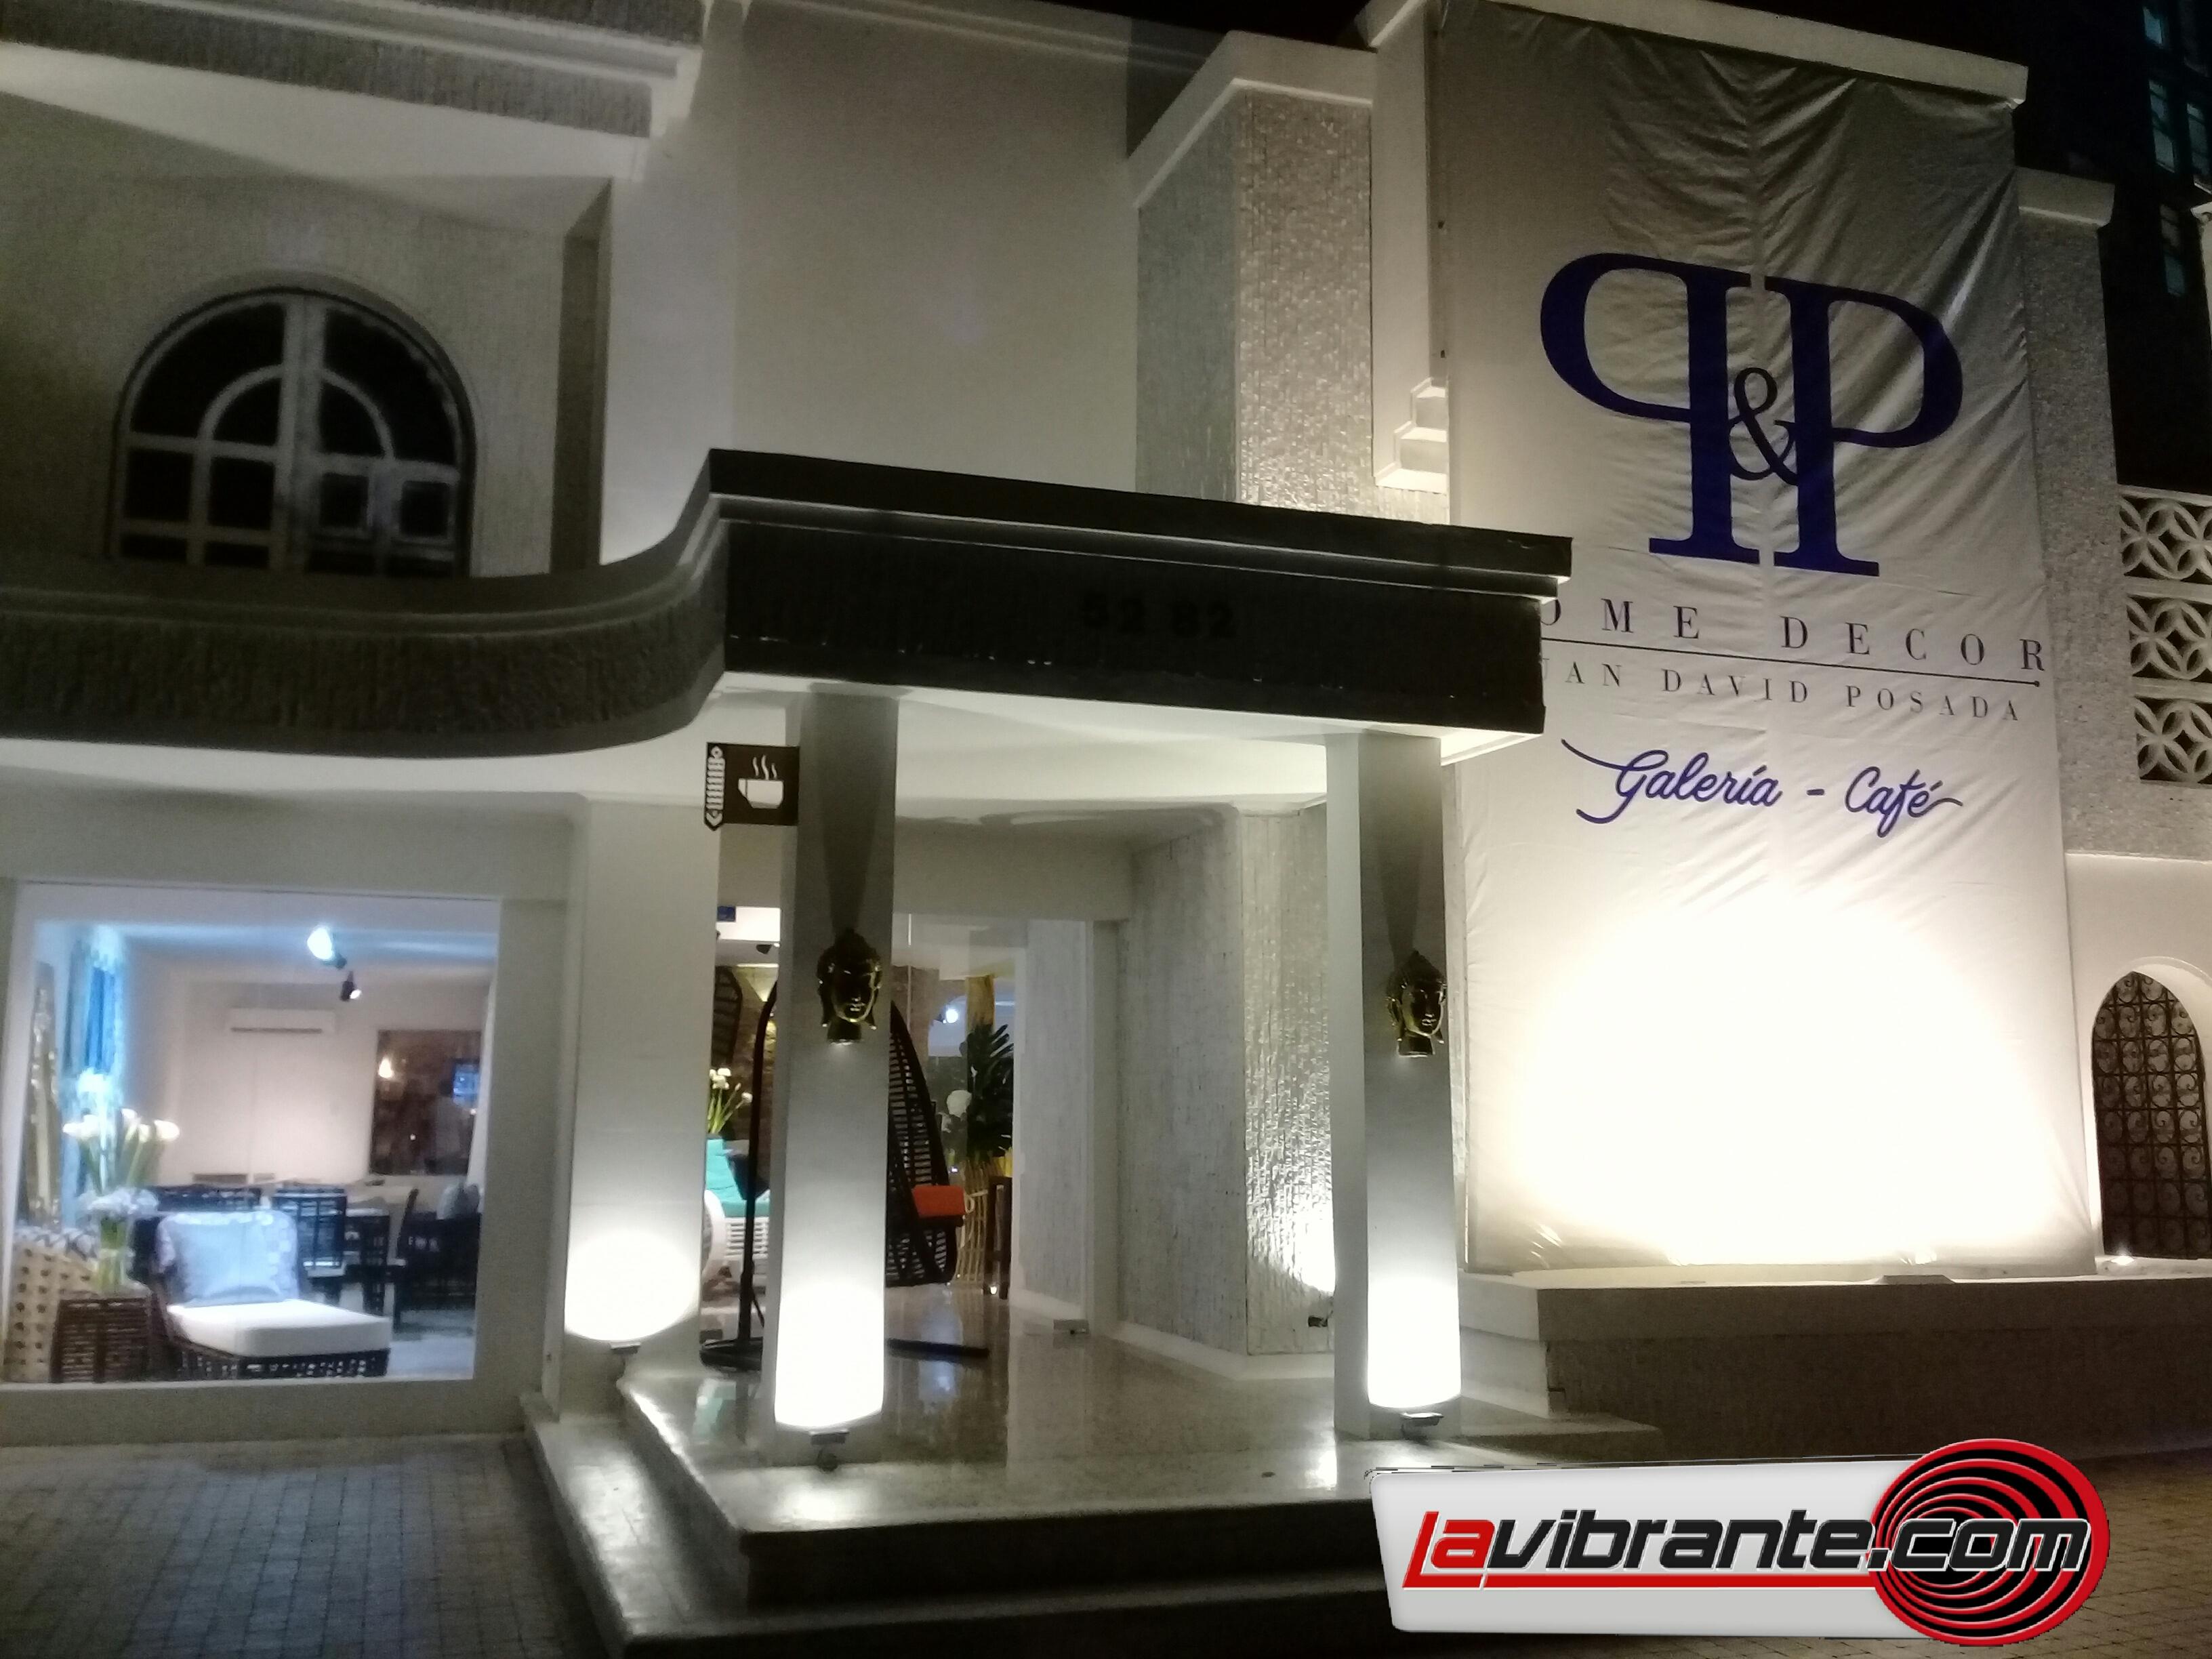 Éxito Total en el Lanzamiento de P&P Home Decor en Barranquilla